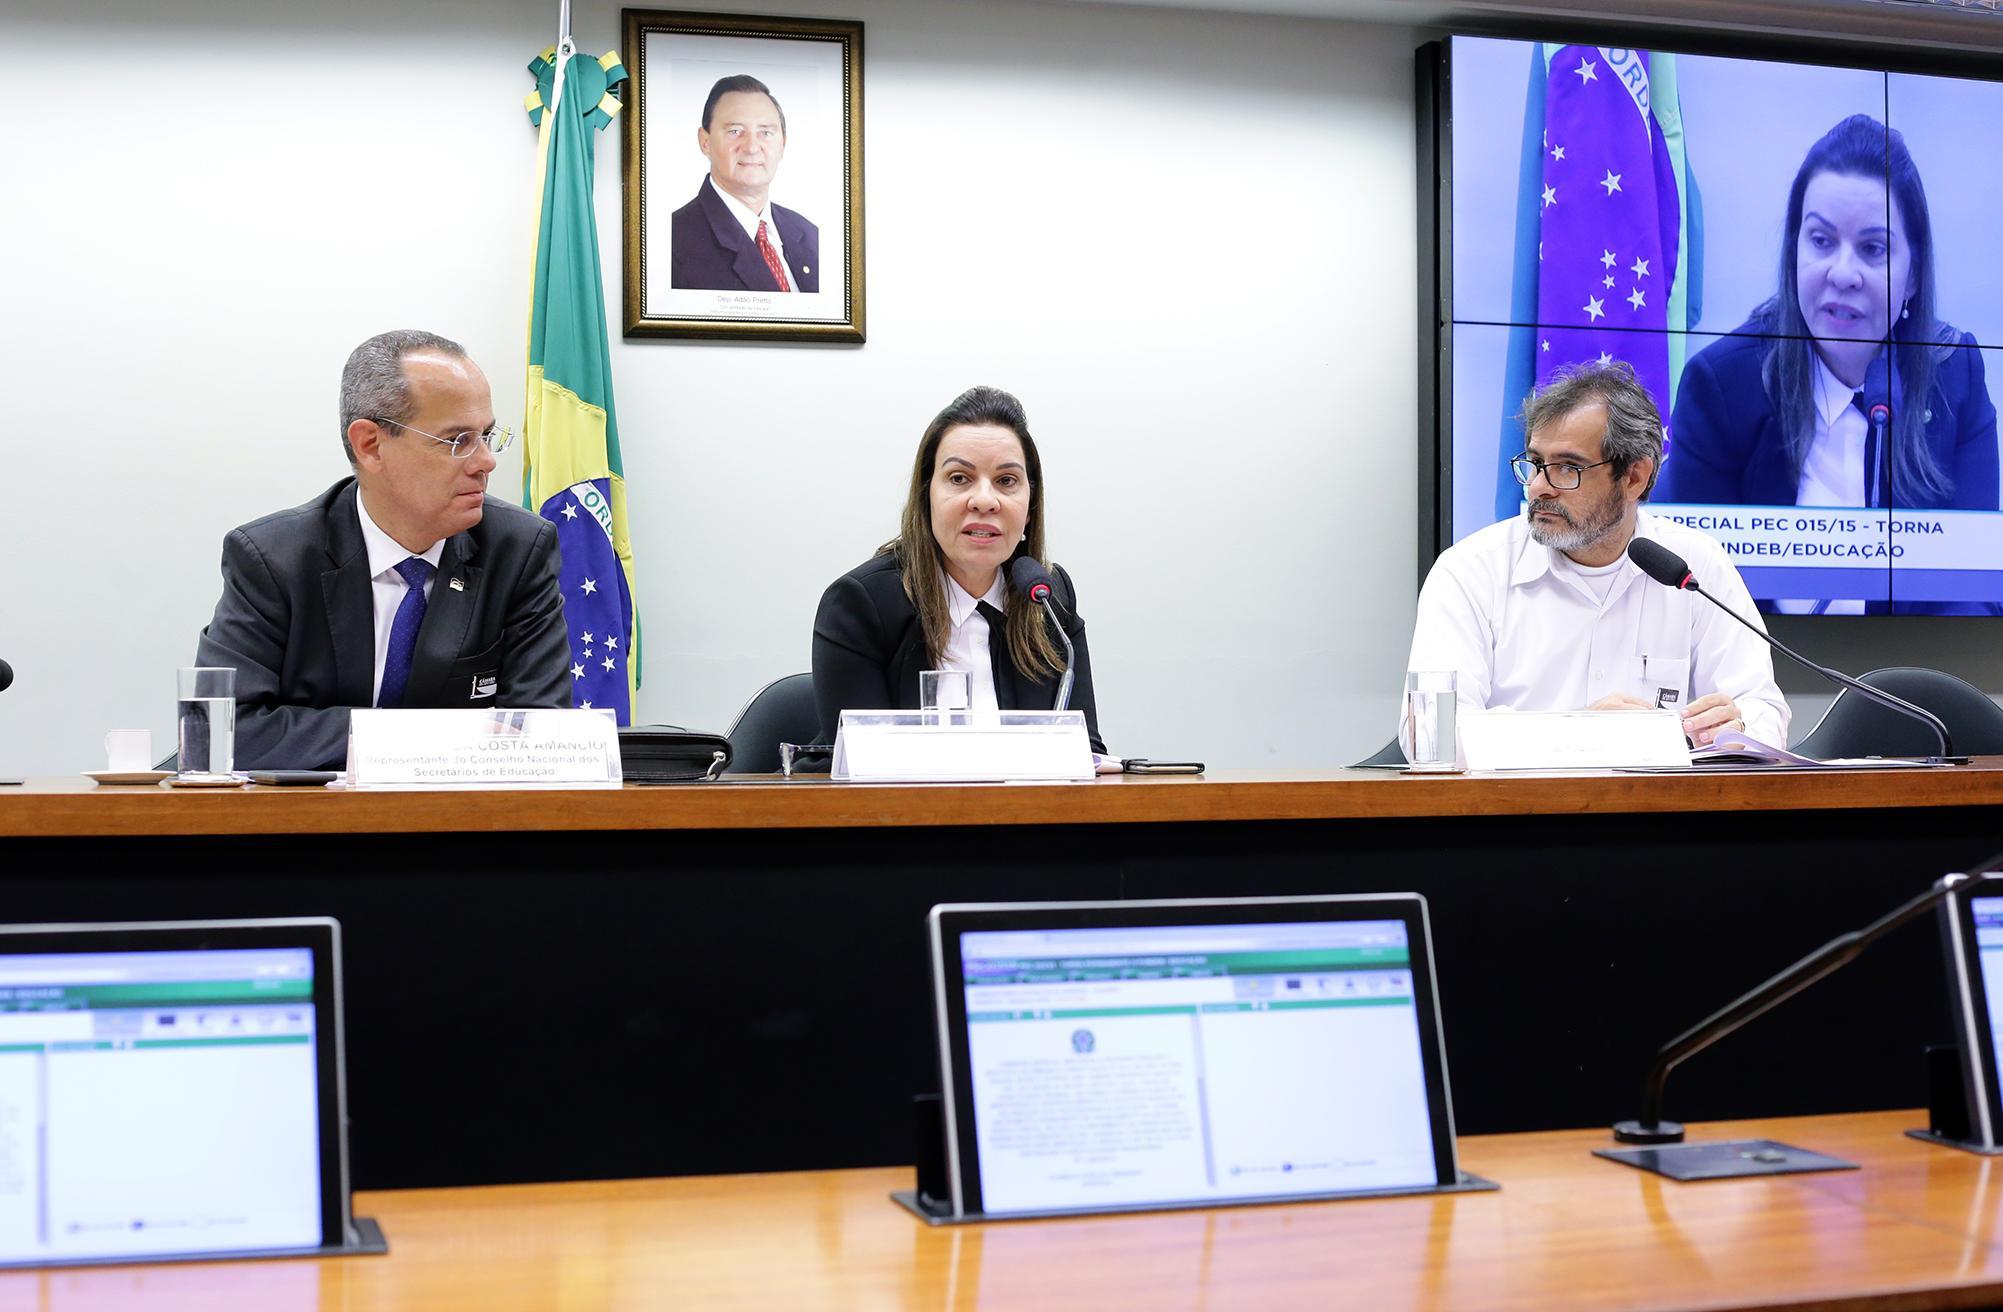 Audiência Pública sobre  a proposta de substitutivo à PEC nº 15 de 2015: análise do texto e sugestões para o seu aprimoramento